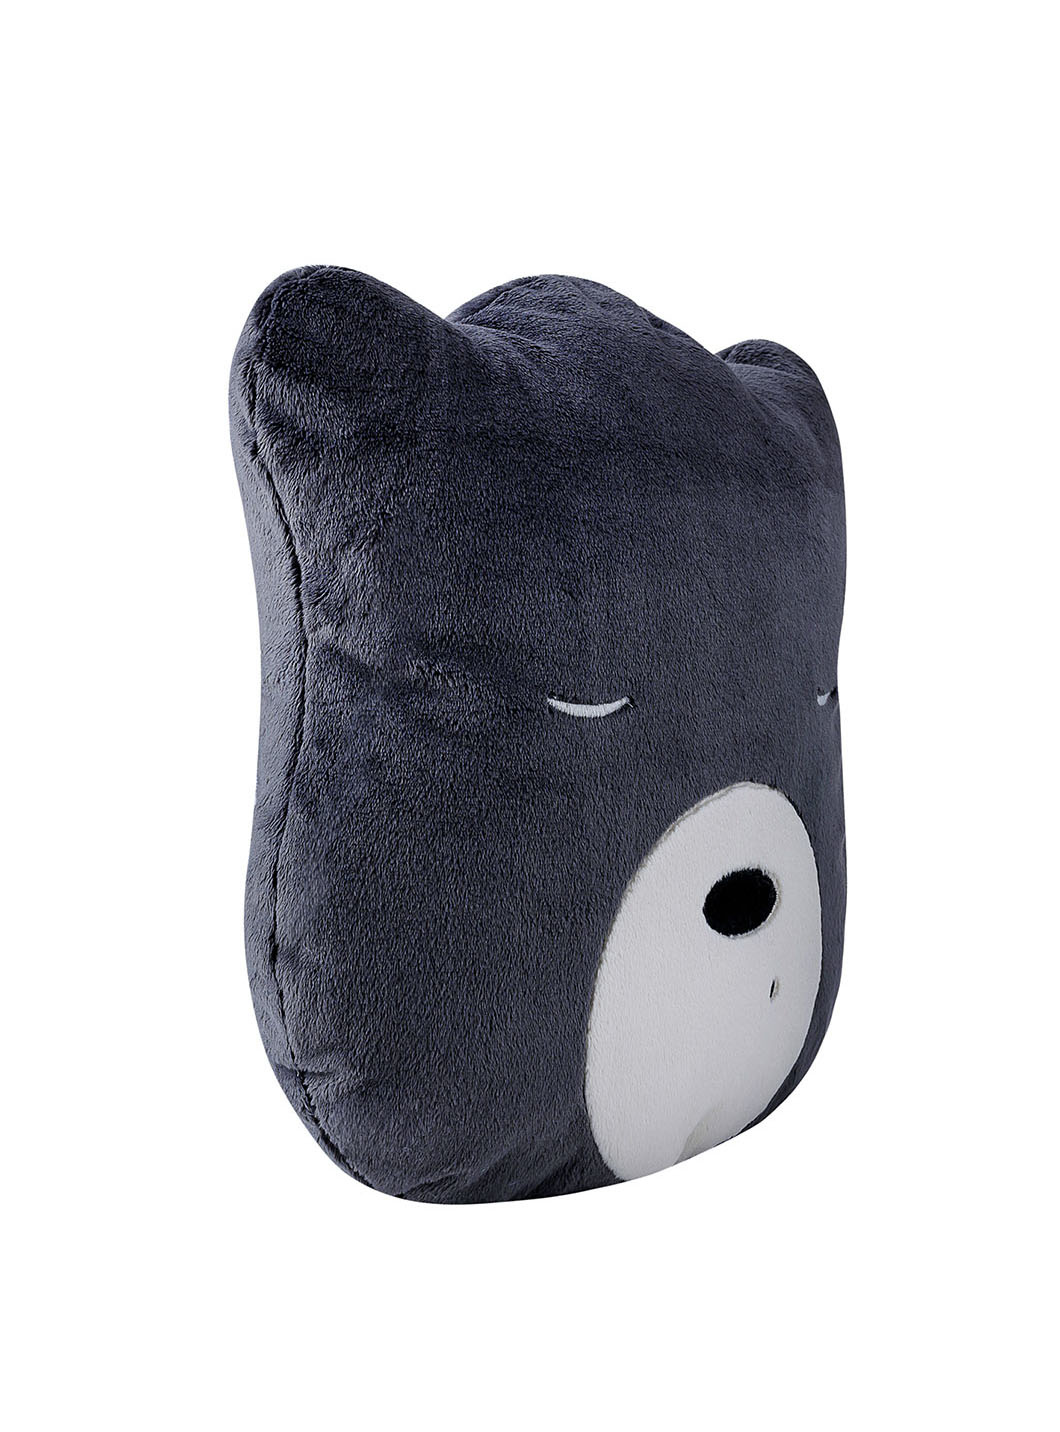 myHummy Cushion - dark grey